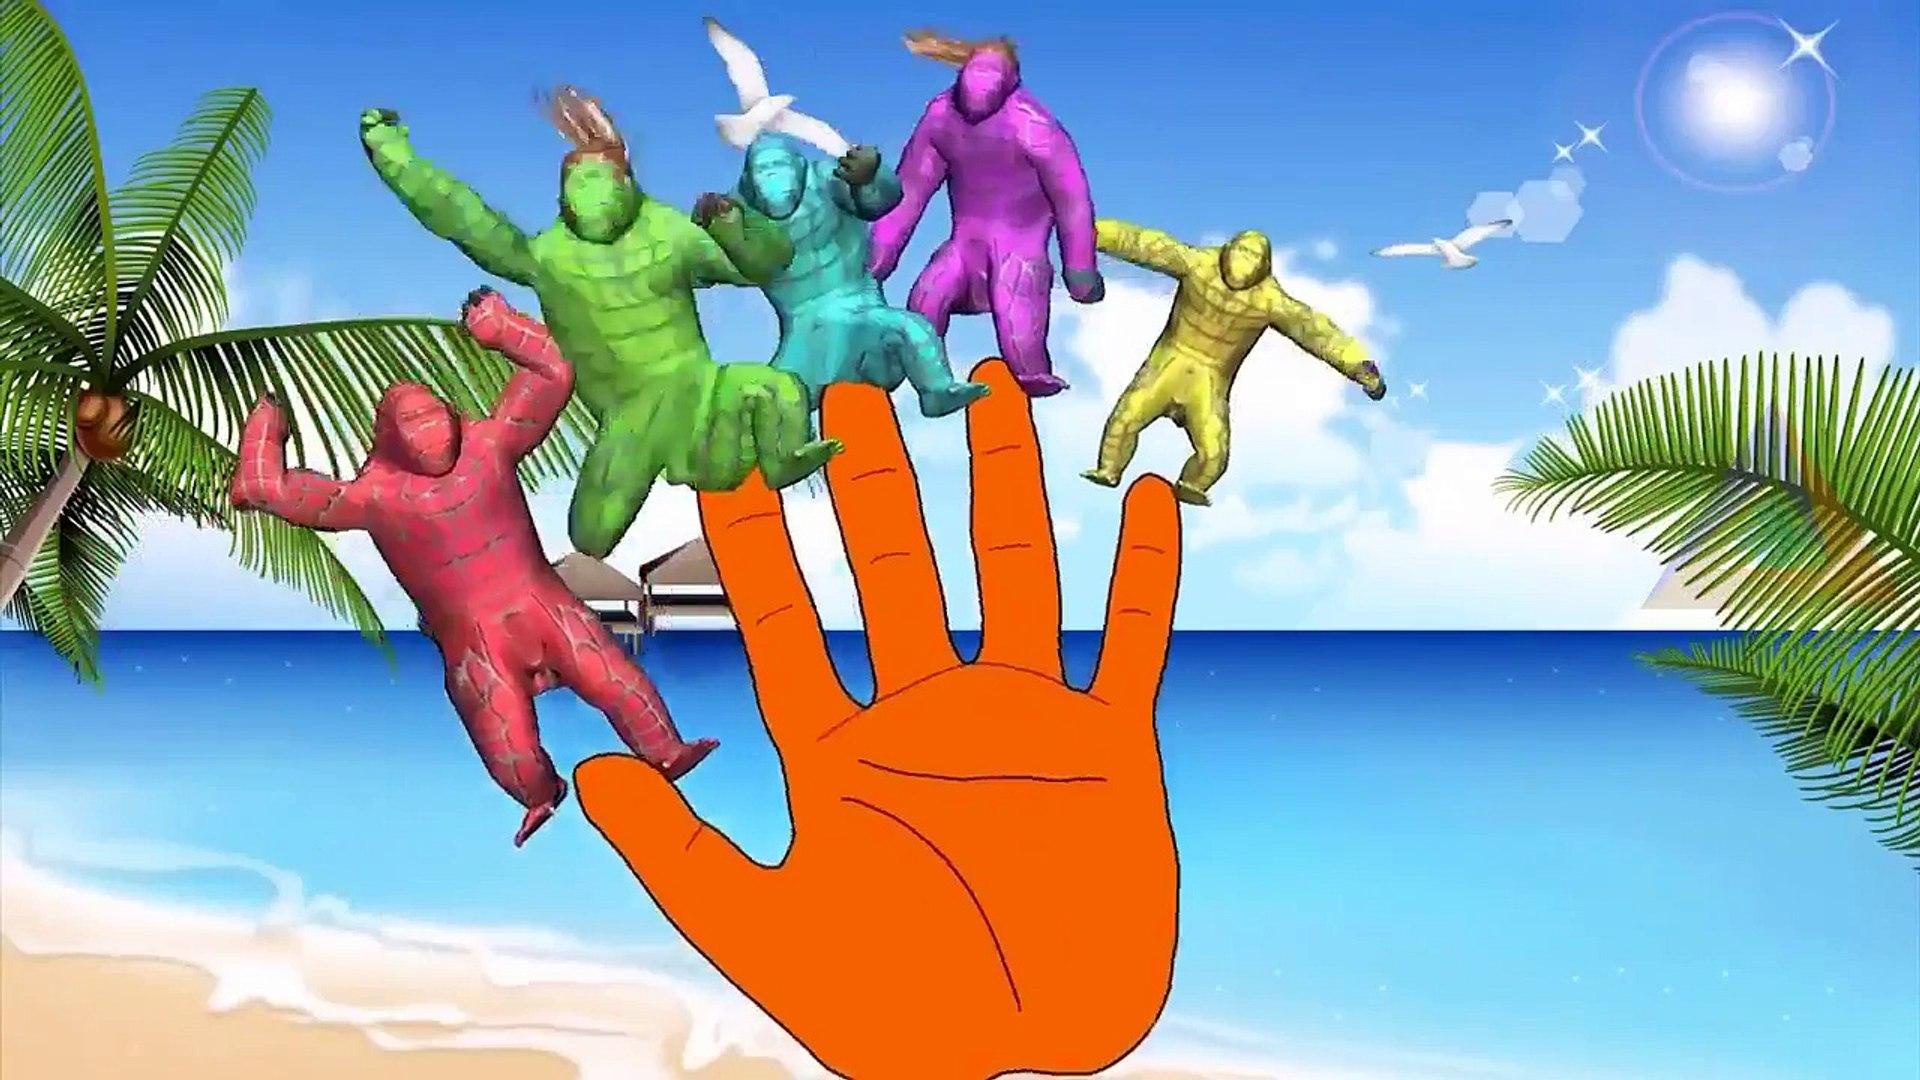 çocuklar için goril parmak aile çizgi filmi _ çocuklar için komik goril karikatürleri  çocuk şarkısı